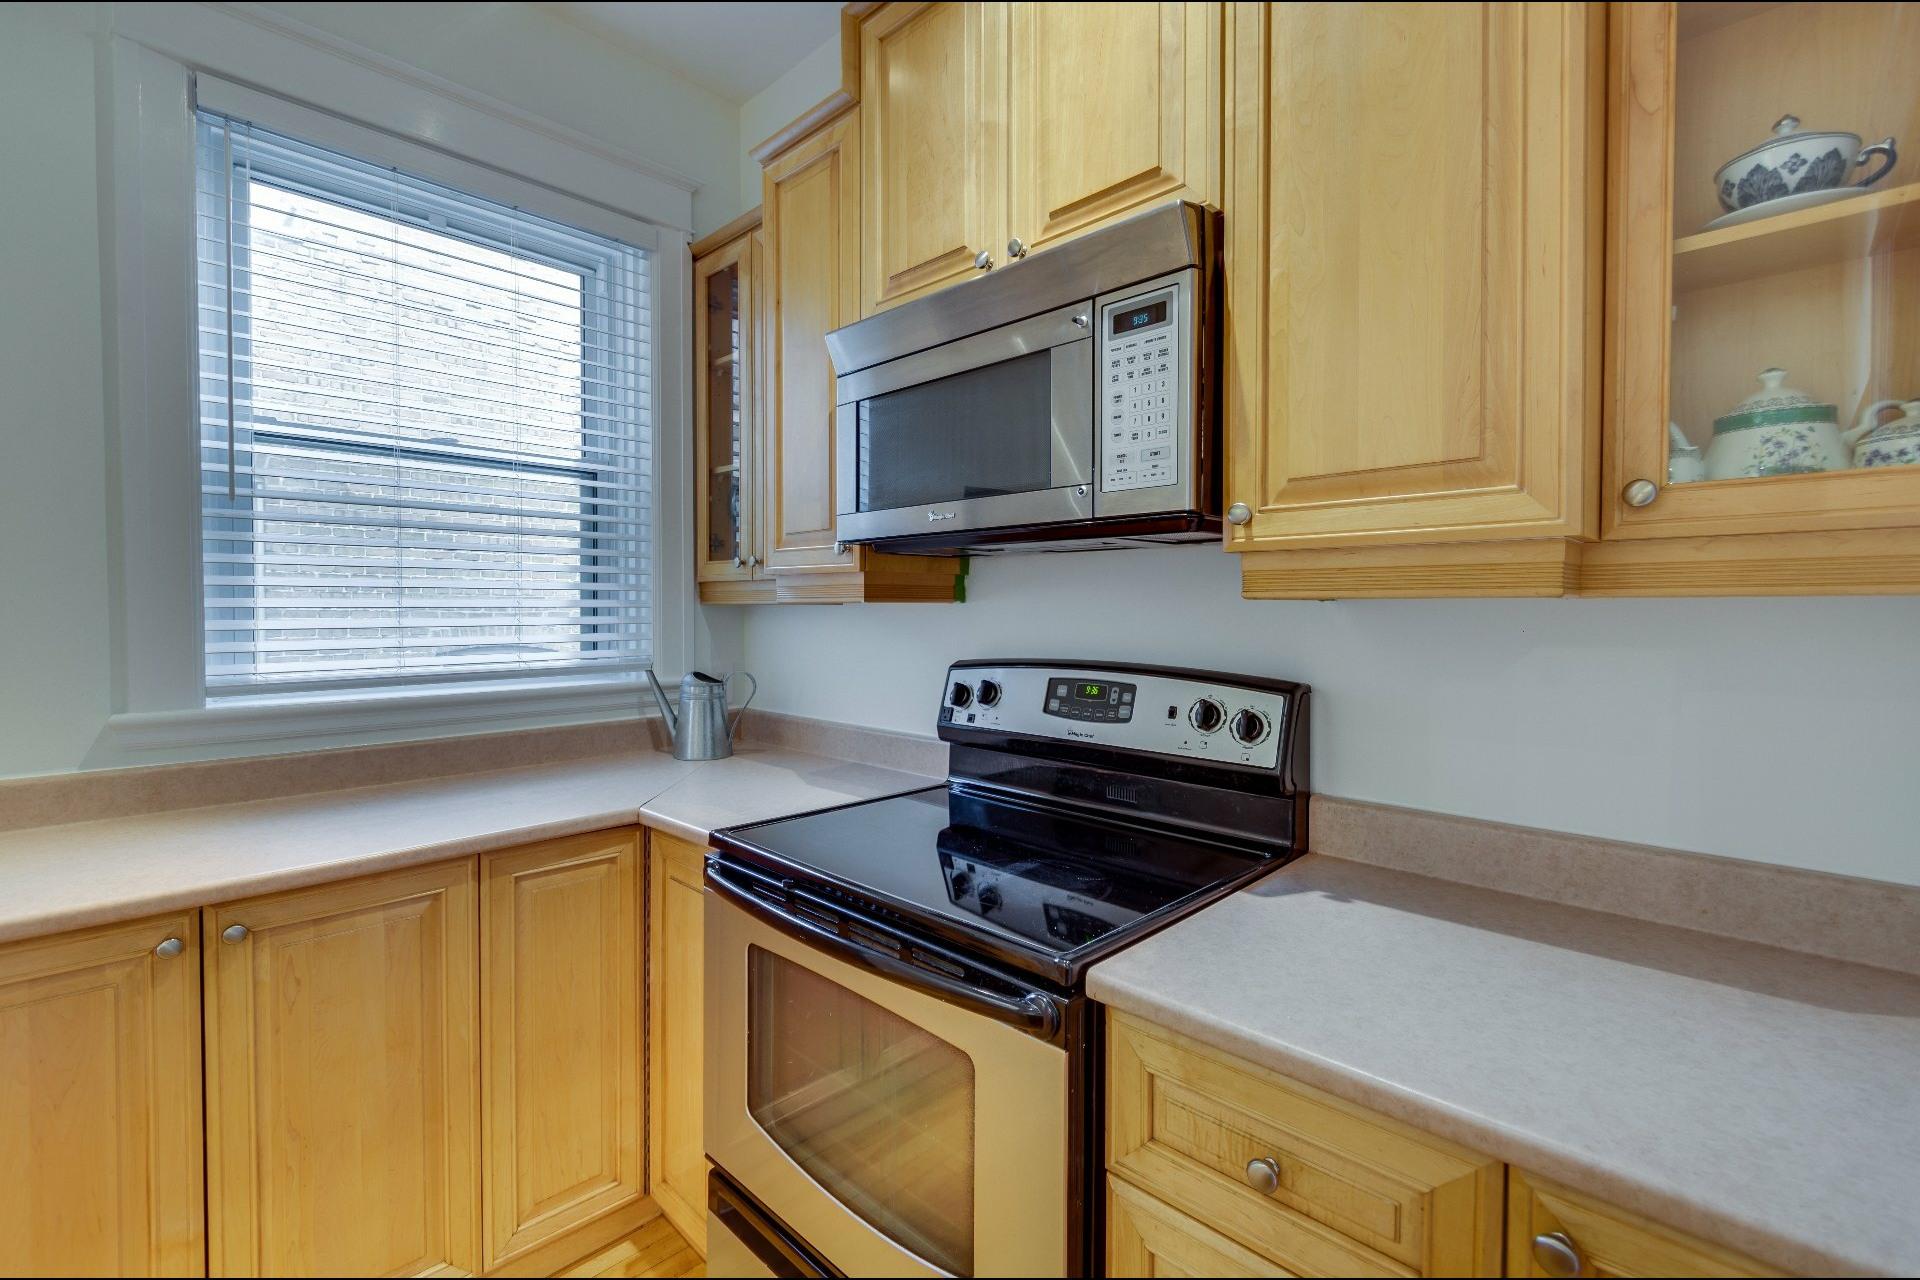 image 6 - Appartement À vendre Côte-des-Neiges/Notre-Dame-de-Grâce Montréal  - 7 pièces